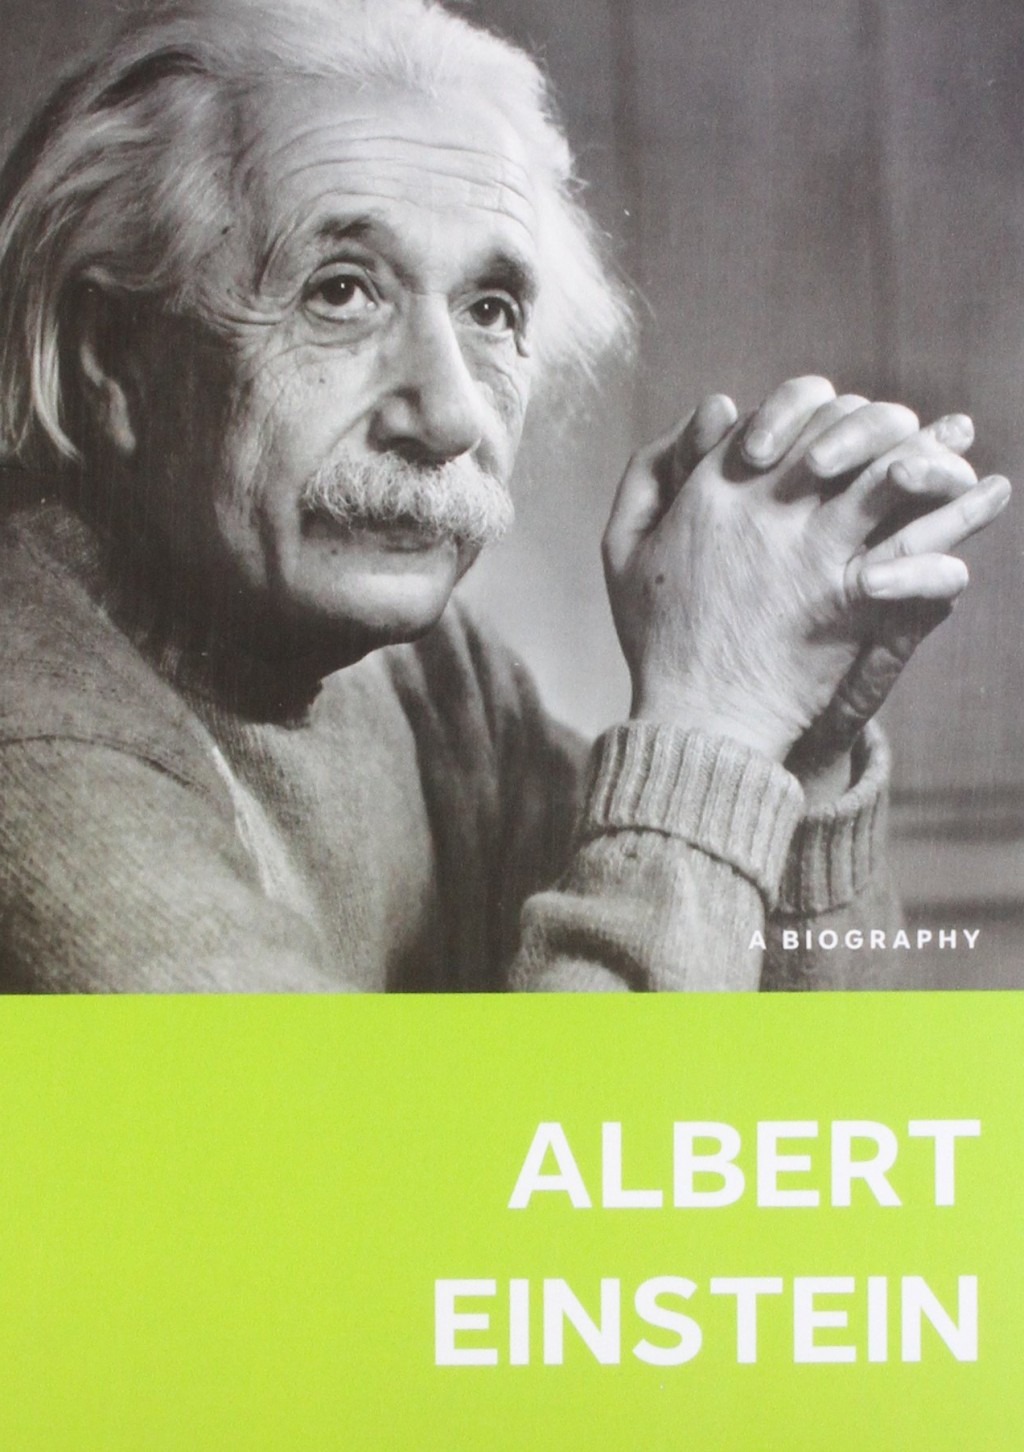 024 Scientist Albert Einstein No Essay Awesome Essays In Humanism Pdf Science Kannada Large